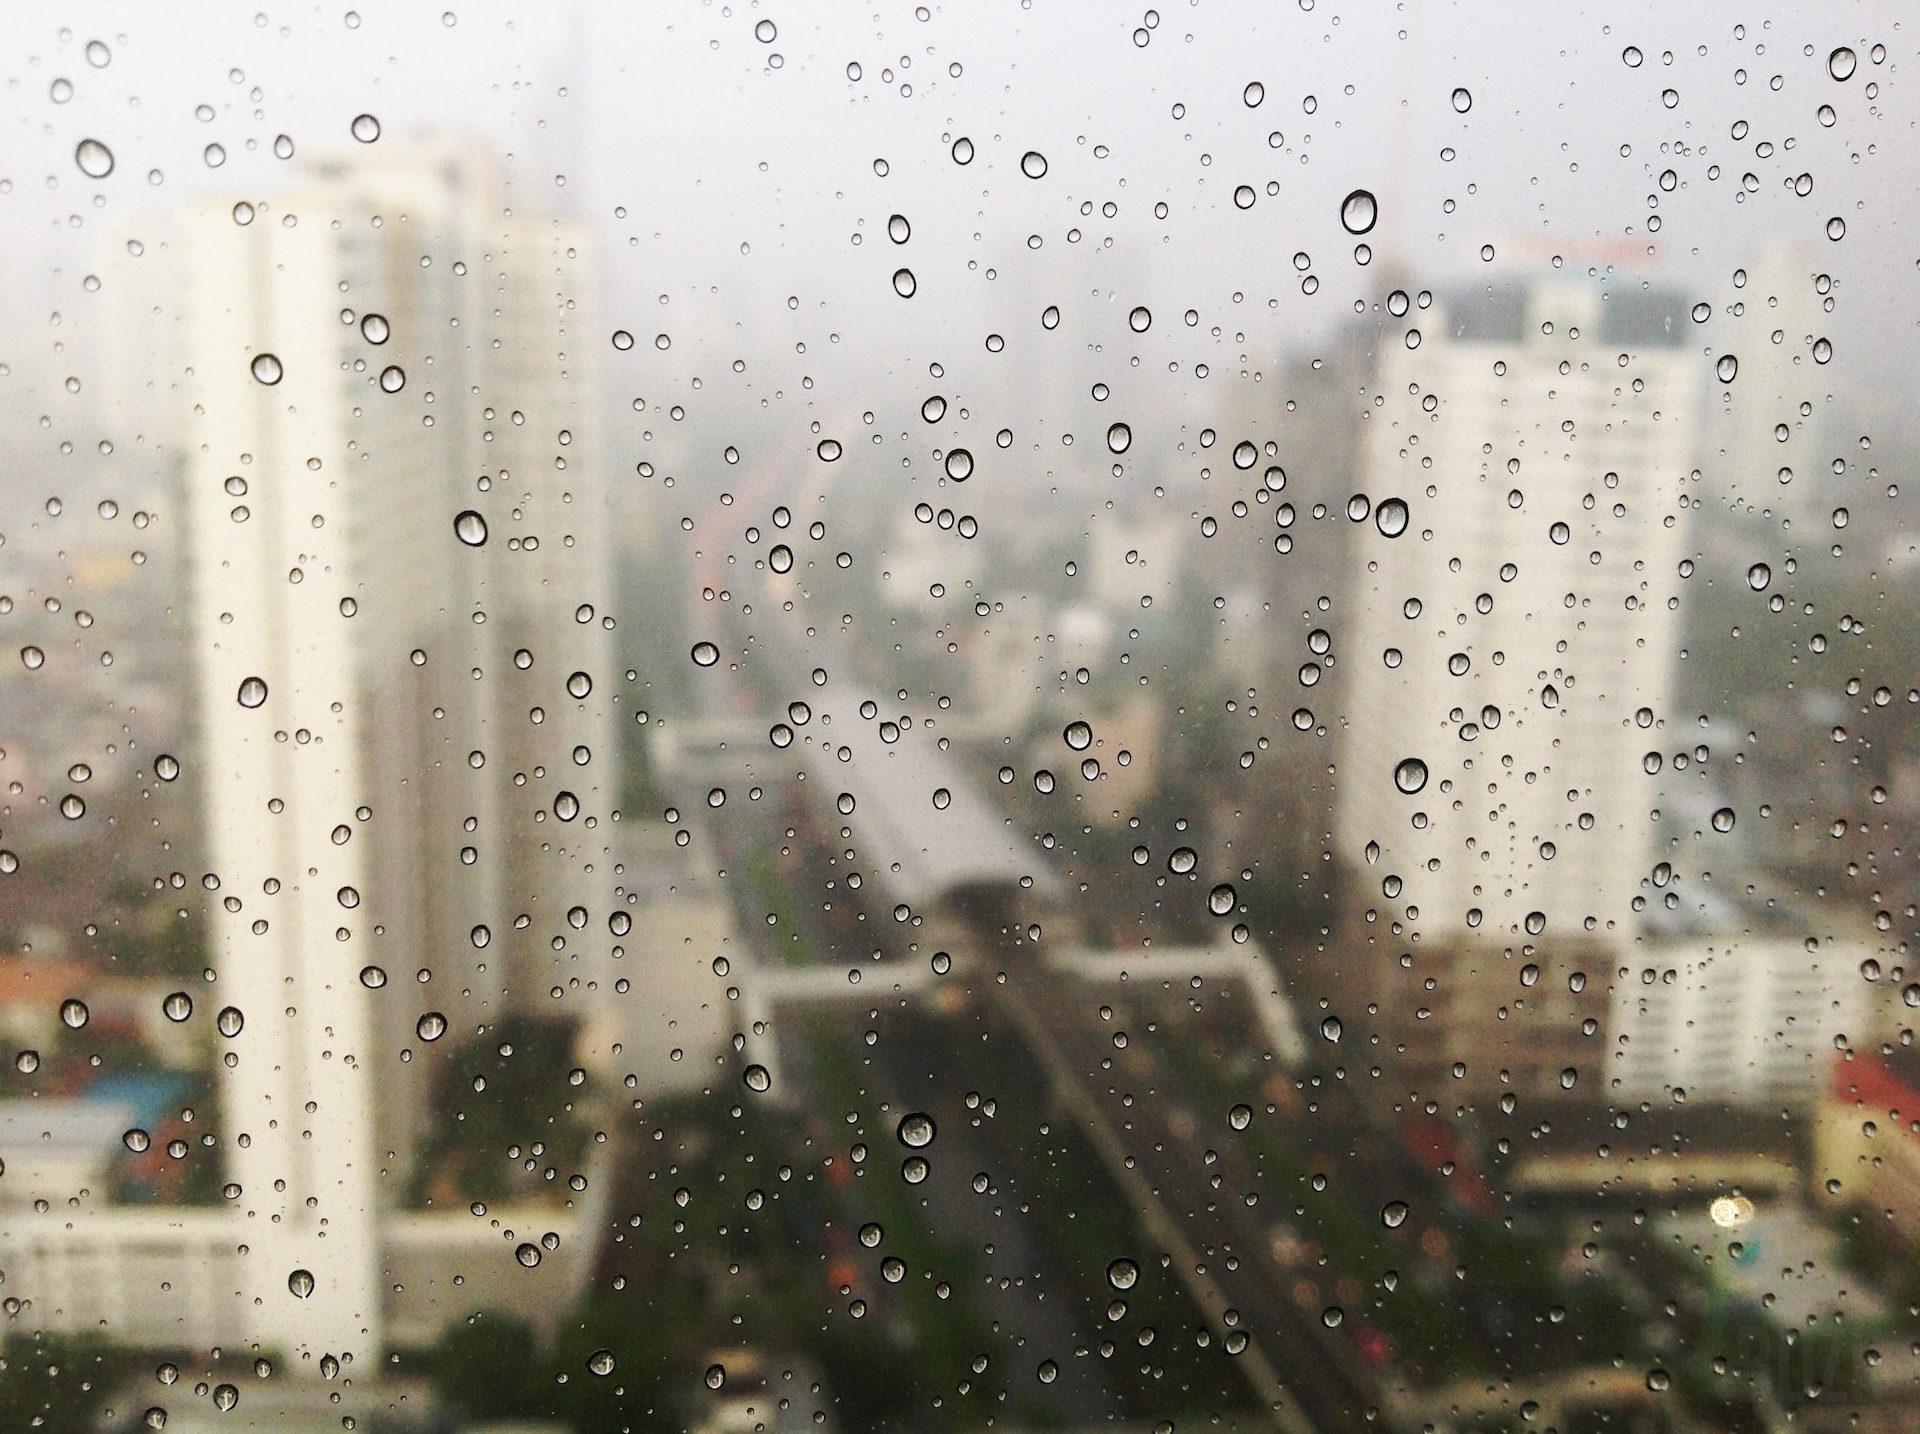 капли, дождь, Город, Высота, Представления - Обои HD - Профессор falken.com